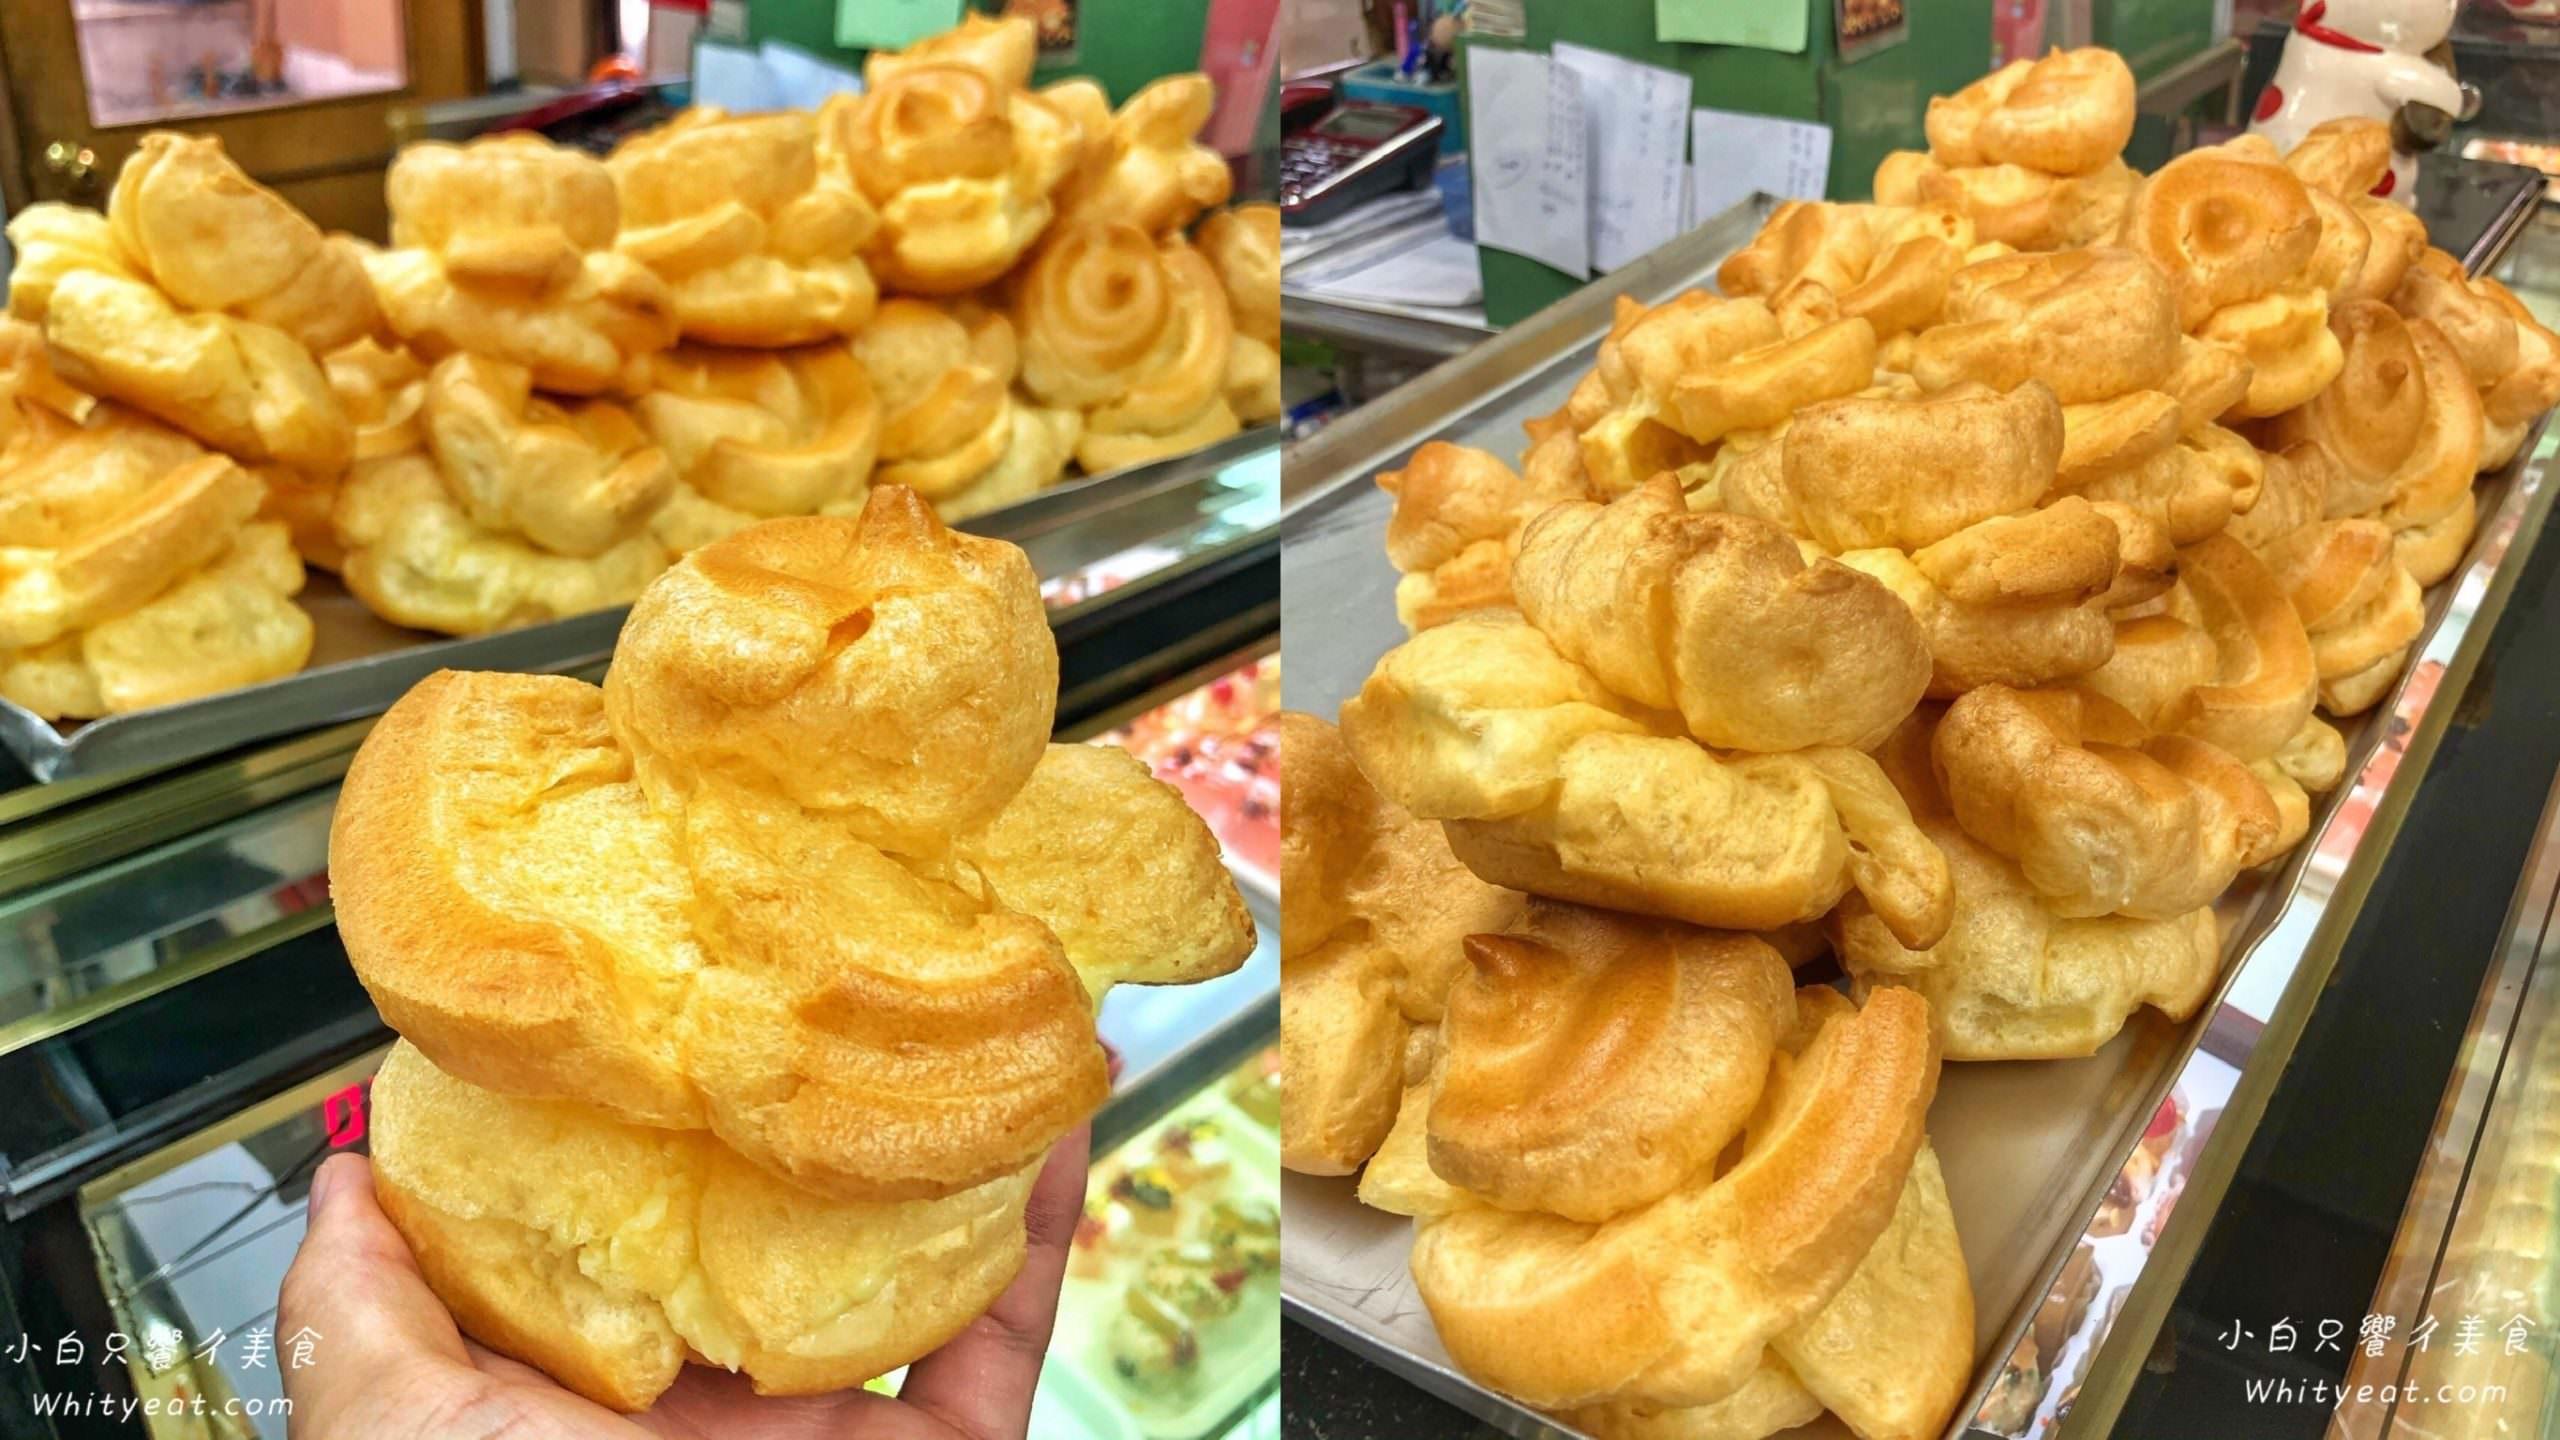 【台南美食】百珍西點麵包廠 隱身市場內的爆漿大泡芙 超過50年的古早味銅板點心